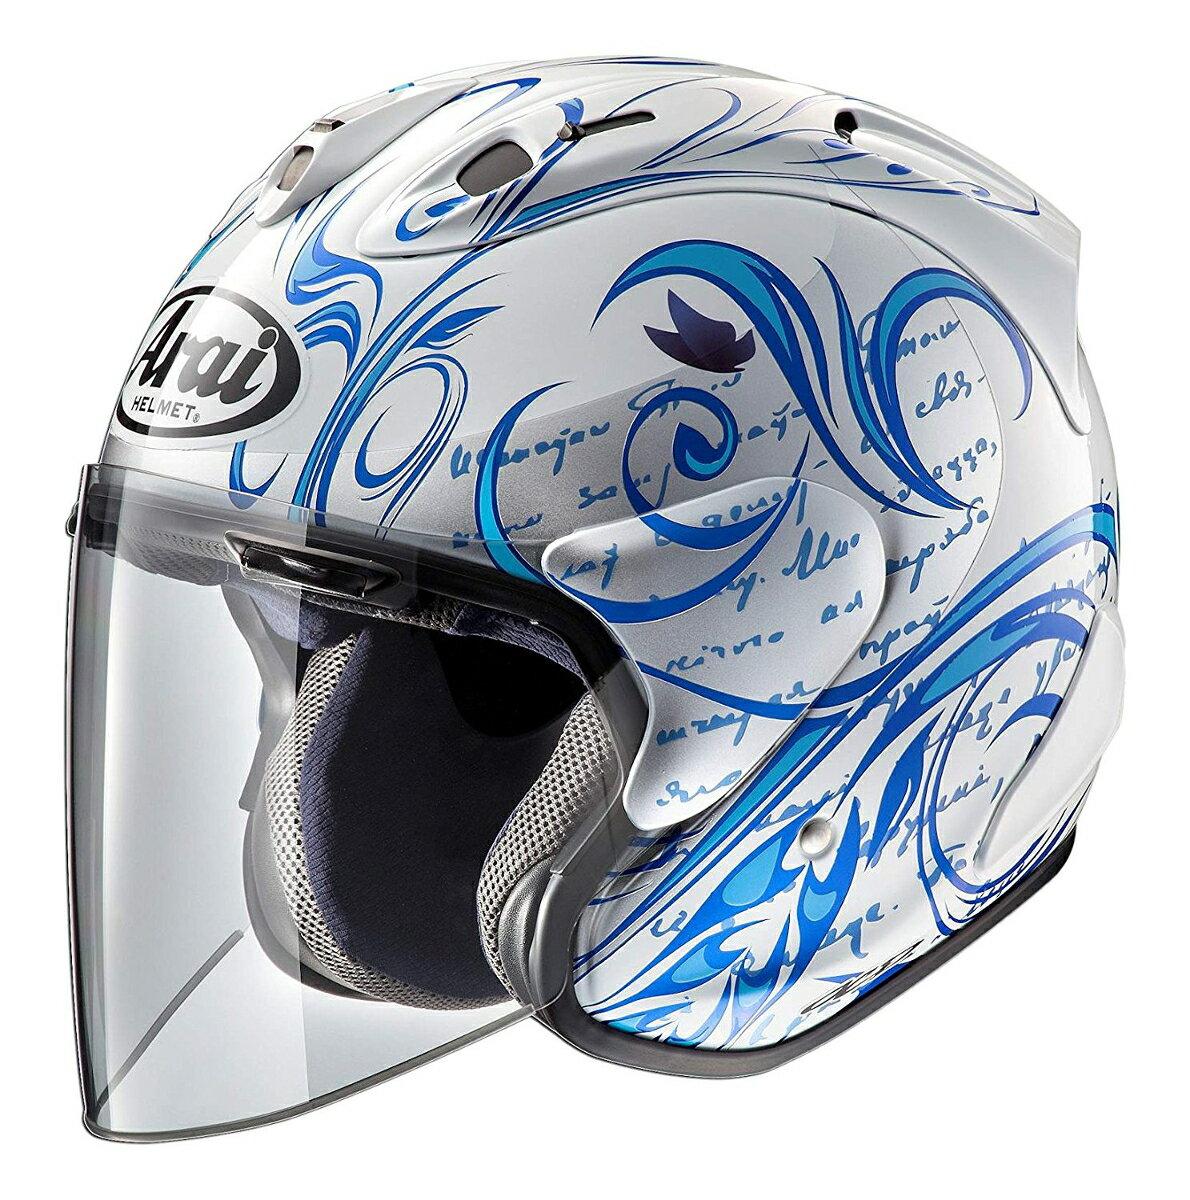 ARAI ジェットヘルメット SZ-RAM4X STYLE (スタイル) ブルー Mサイズ 57-58cm